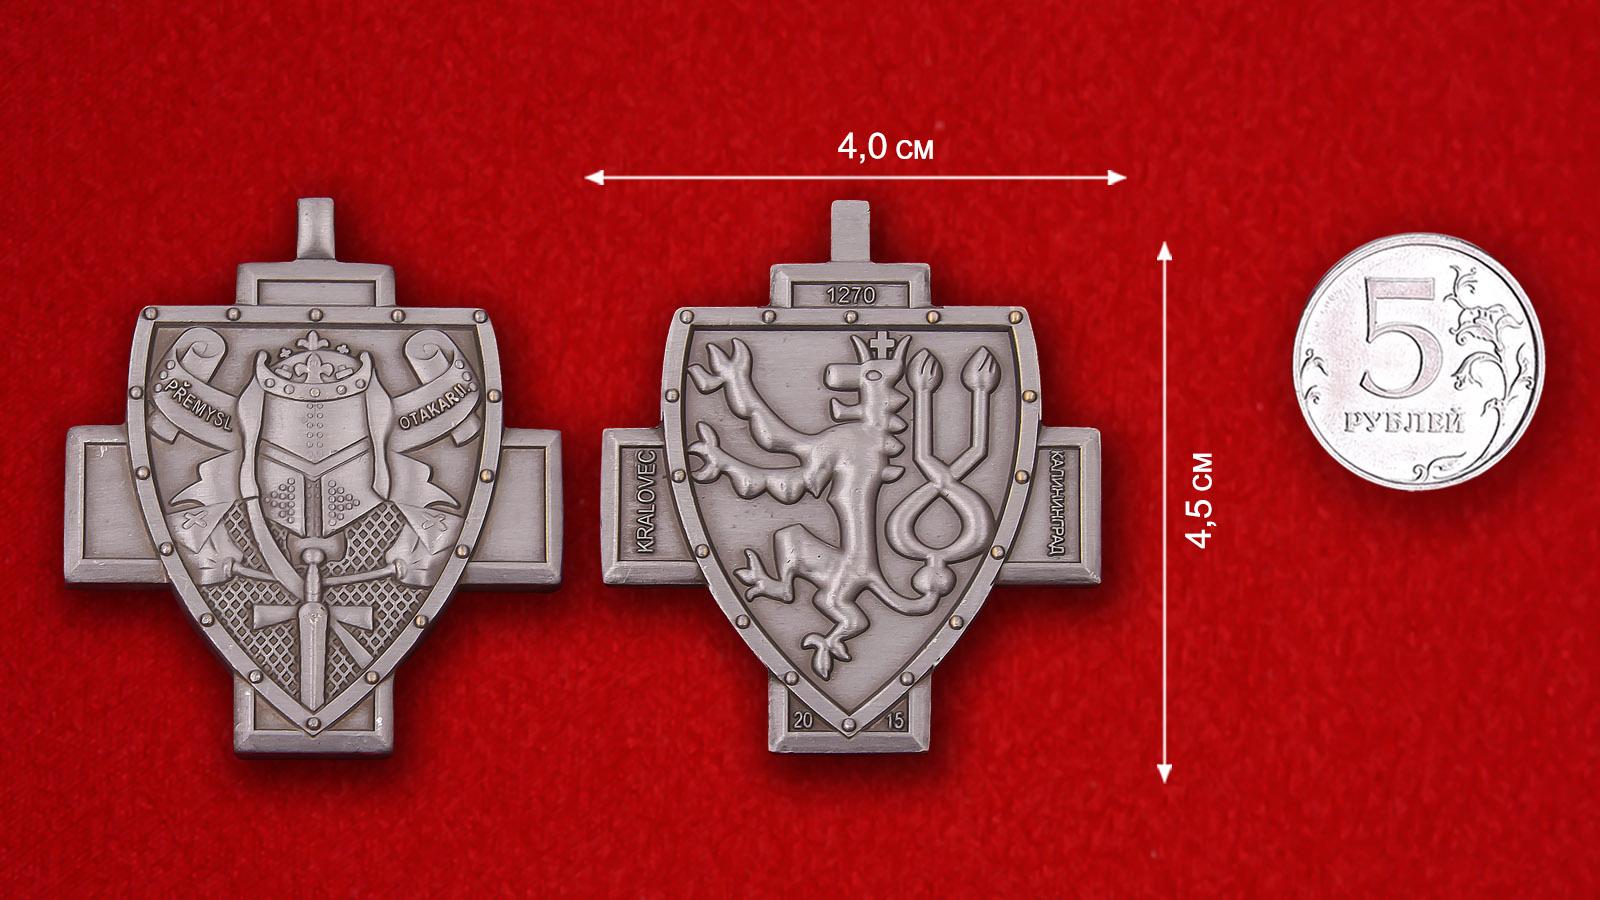 Памятный знак к юбилею основания крепости Калининграда Пржемыслом Отакаром II